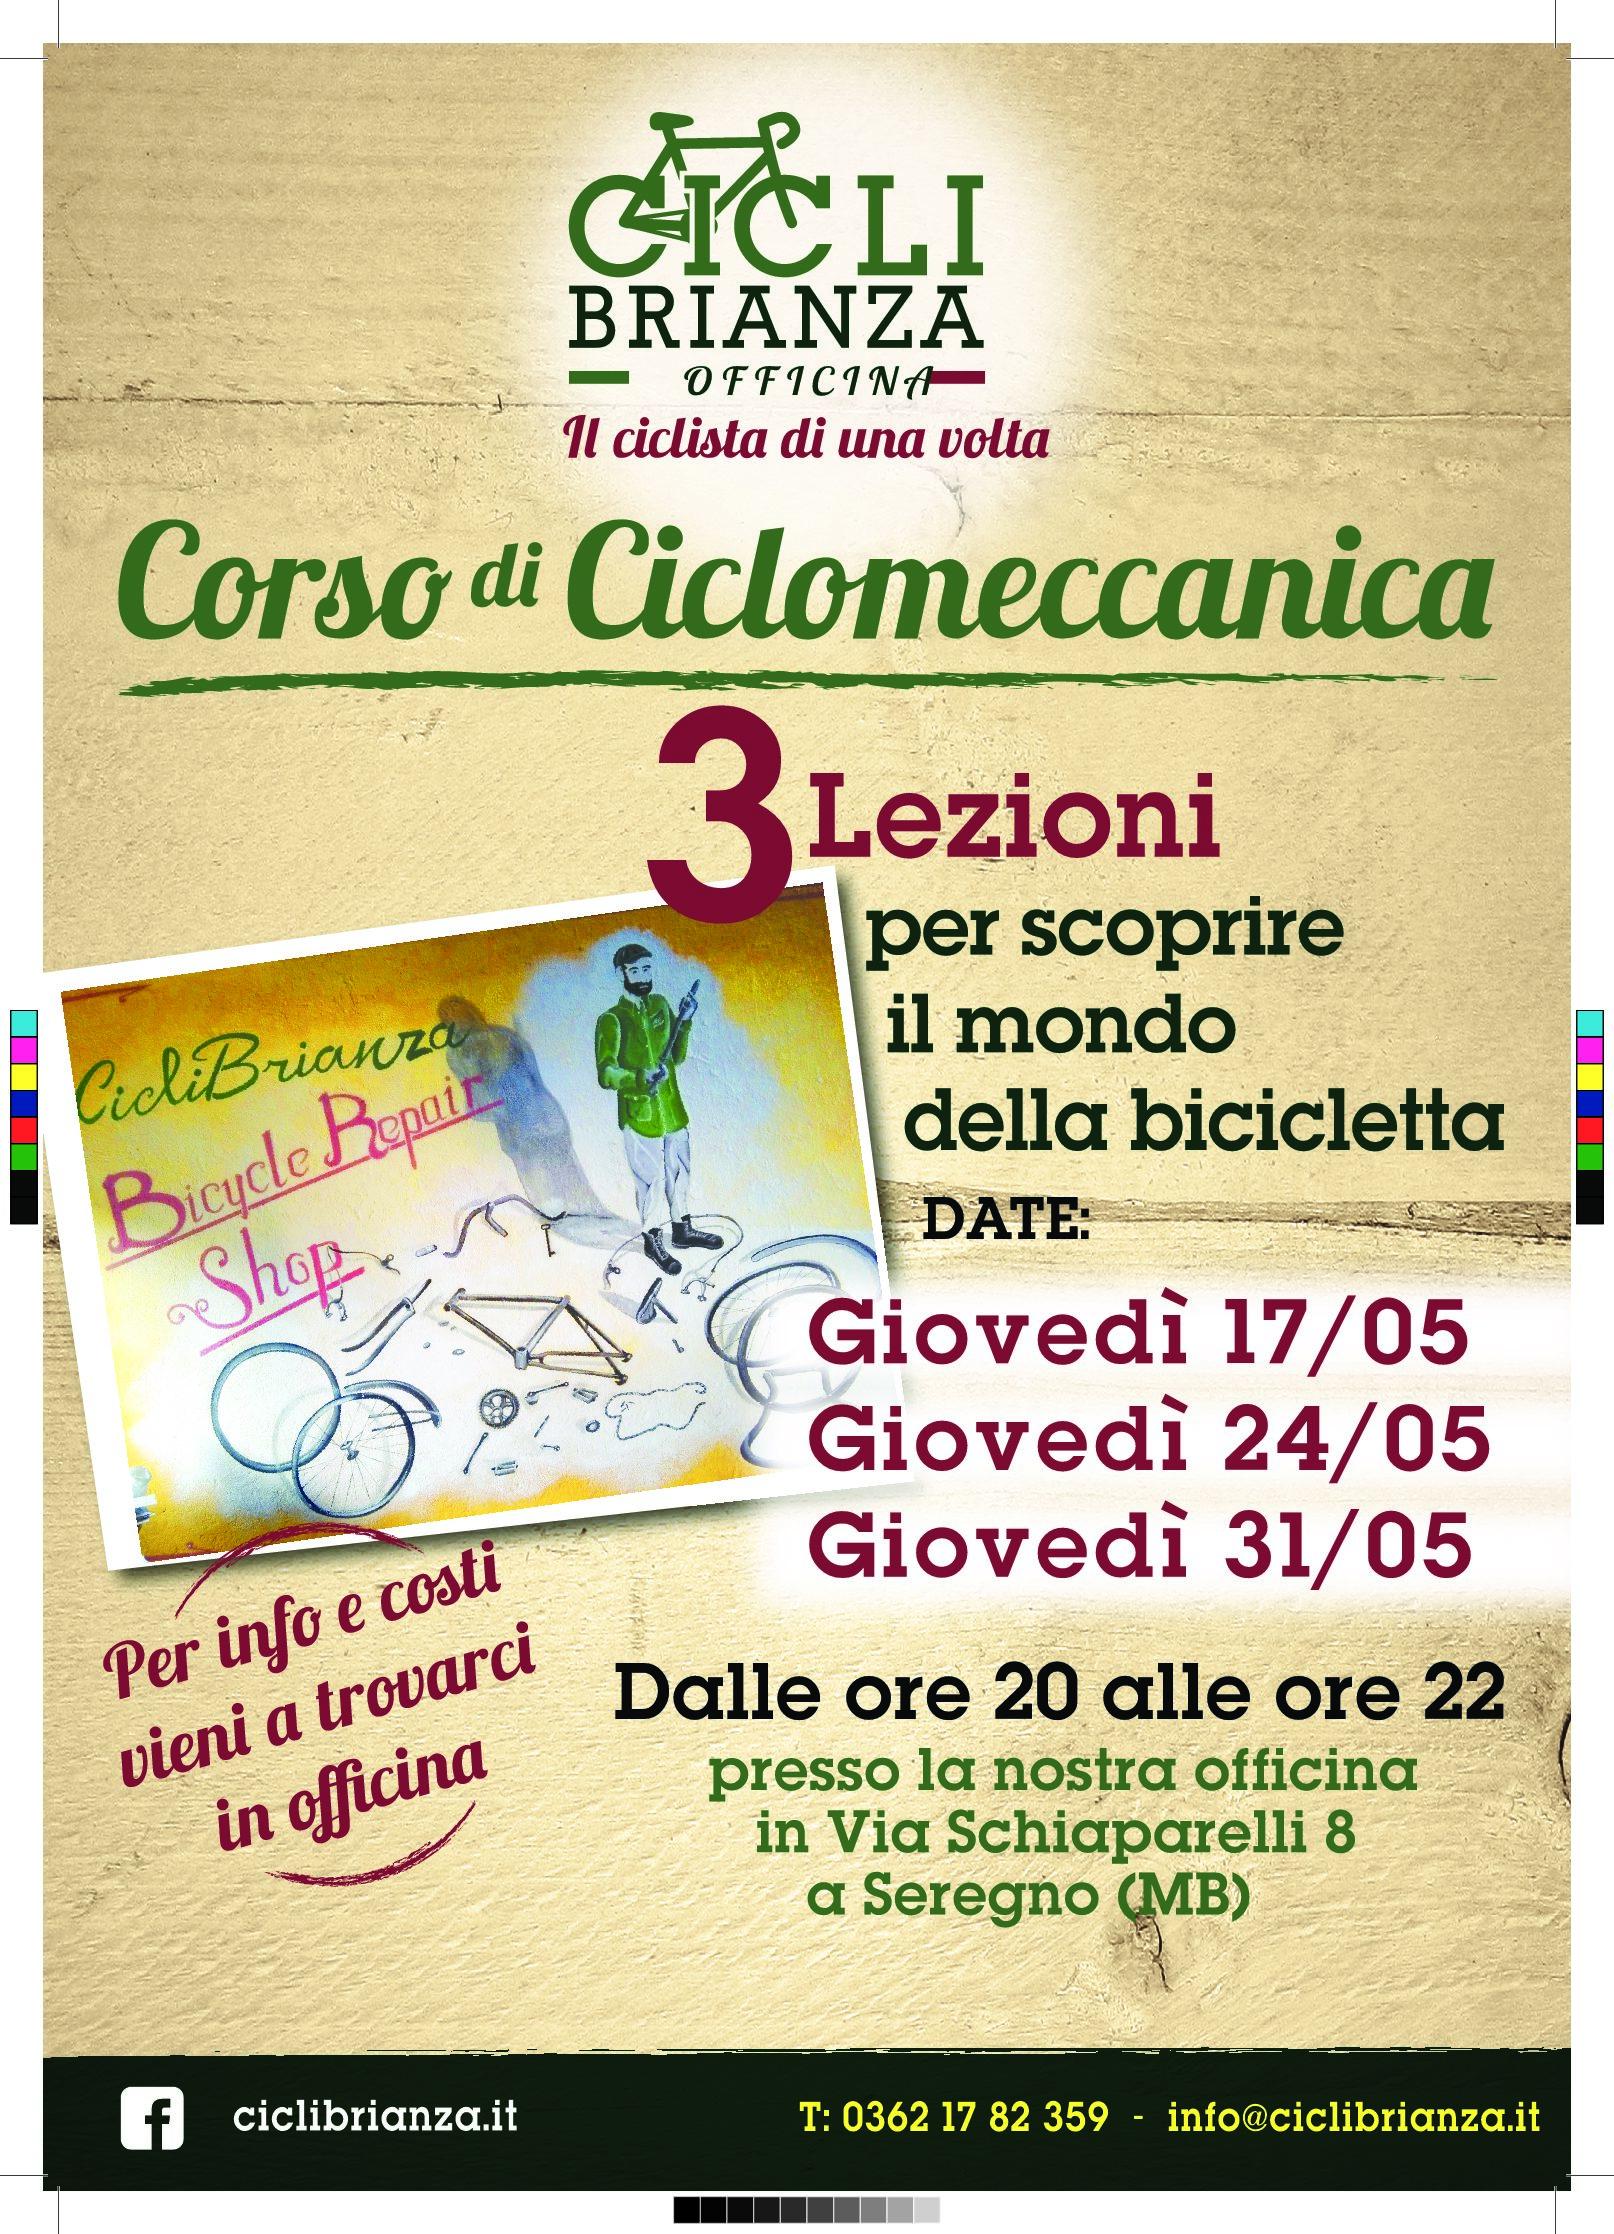 CicliBrianza Corso Di Ciclomeccanica